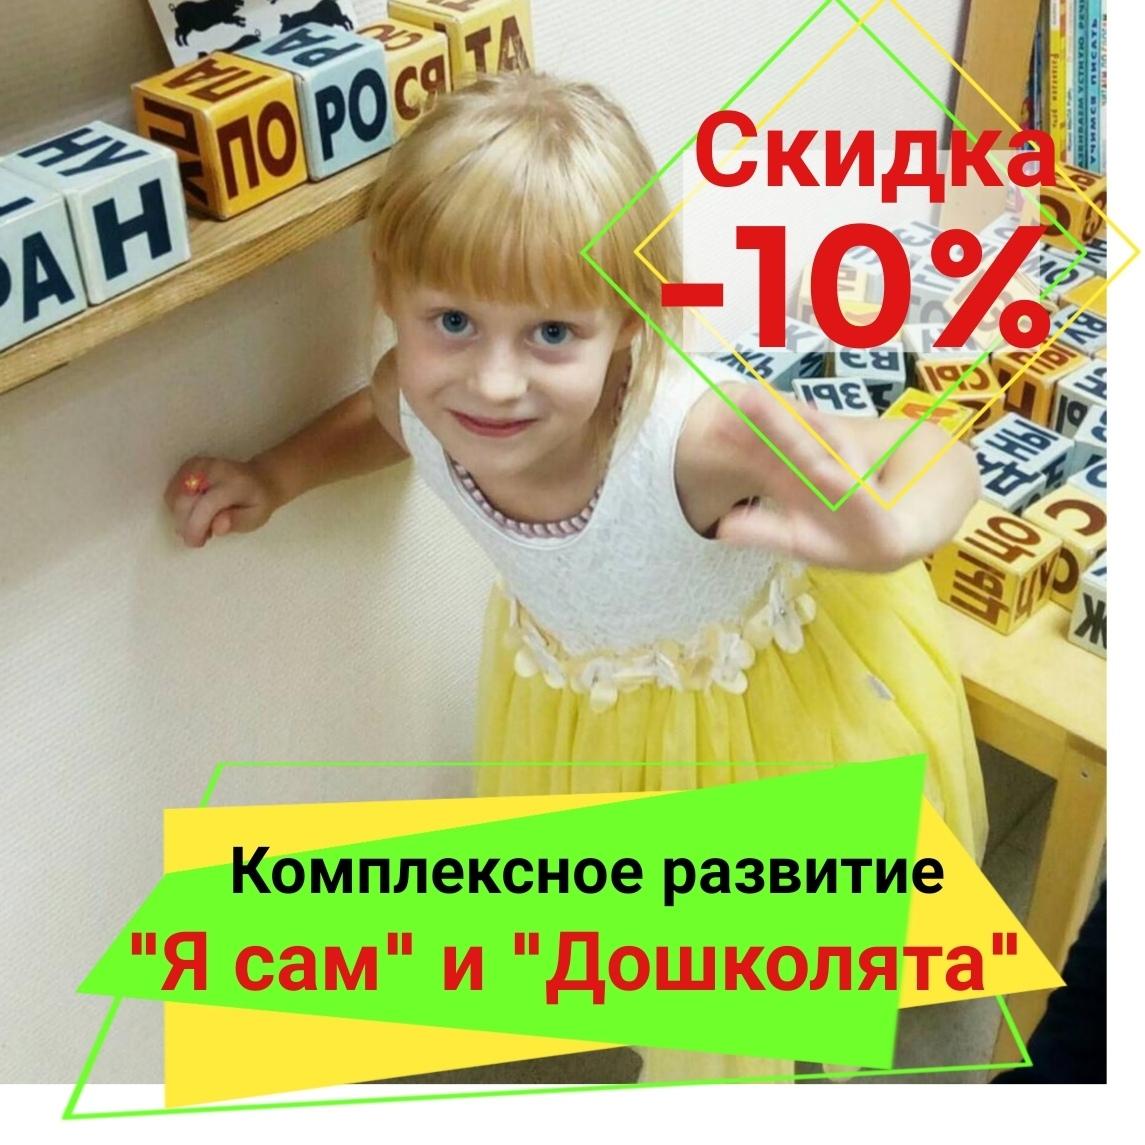 Весь ноябрь скидки в ДЦ Рост!